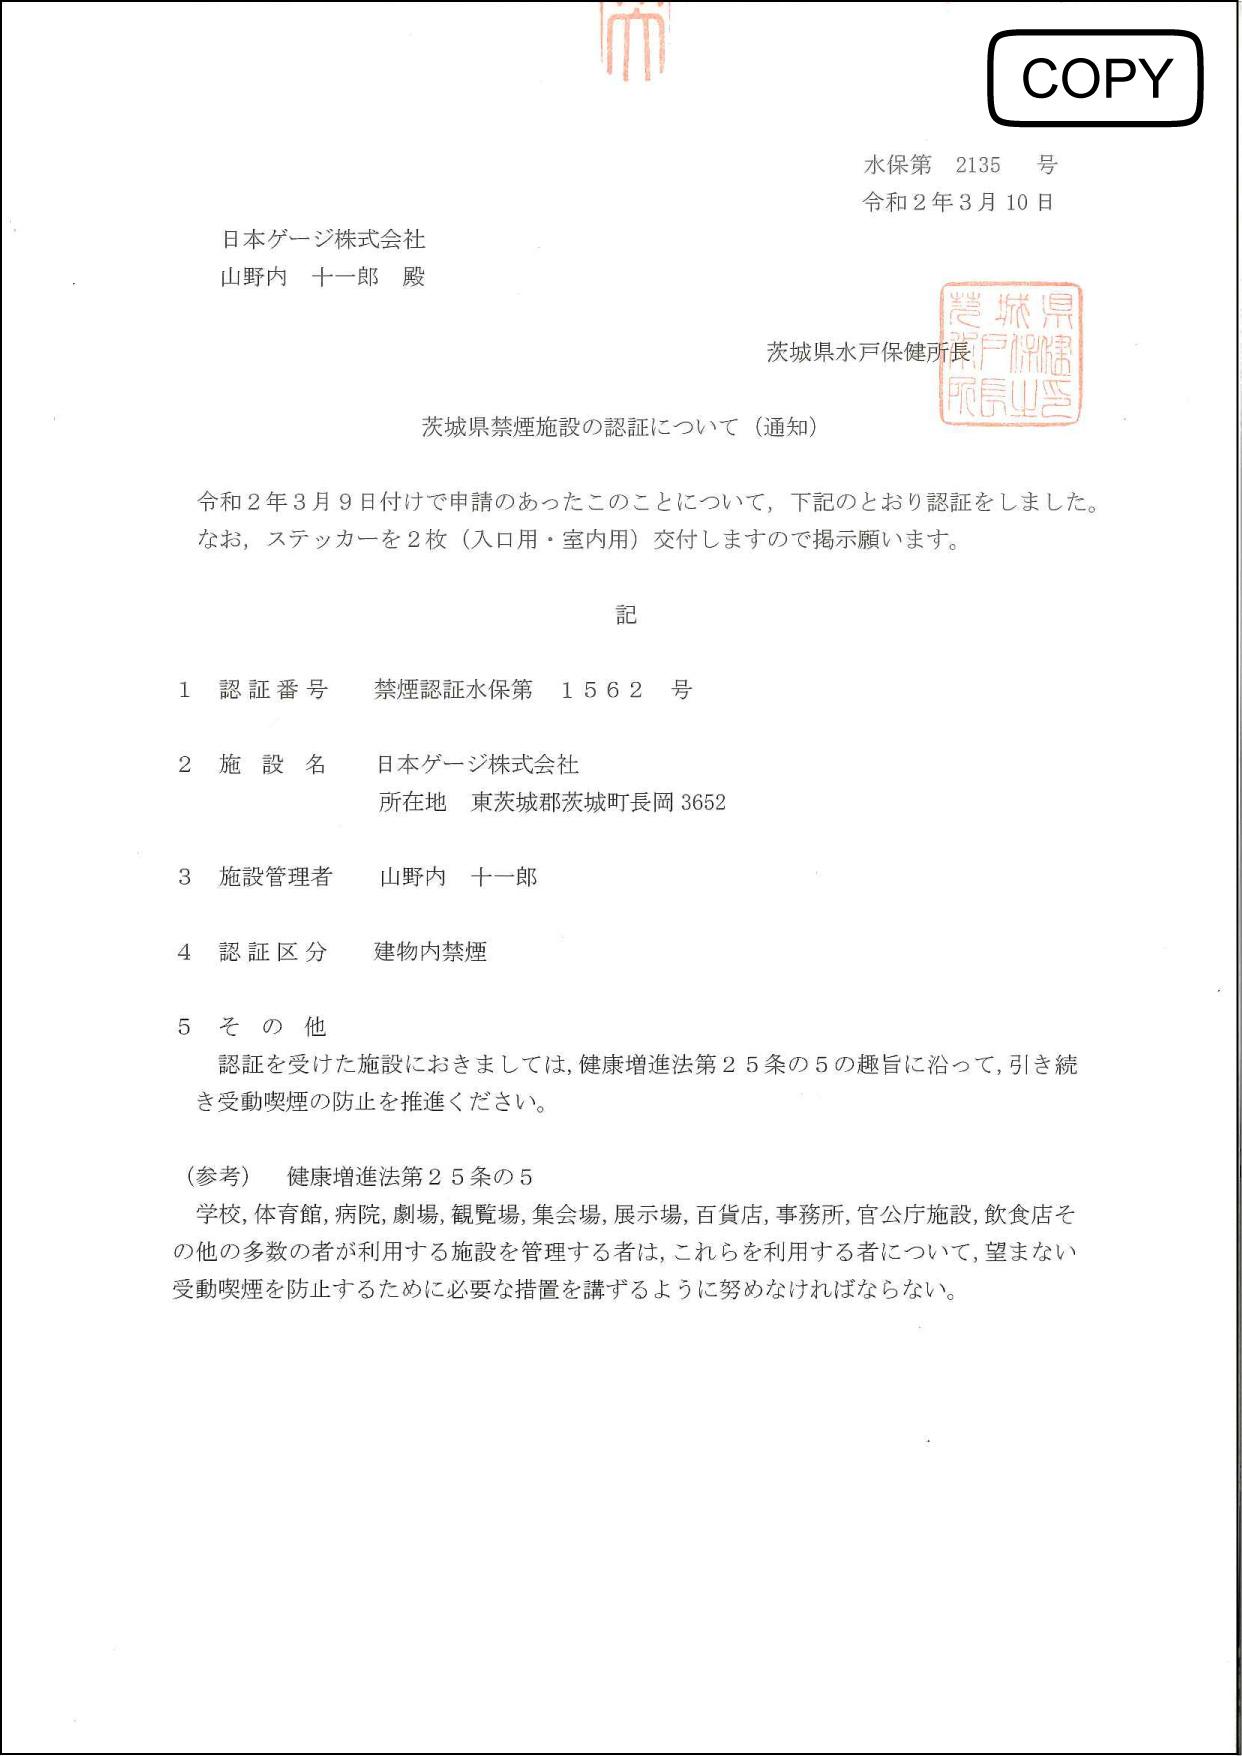 茨城県禁煙施設認定